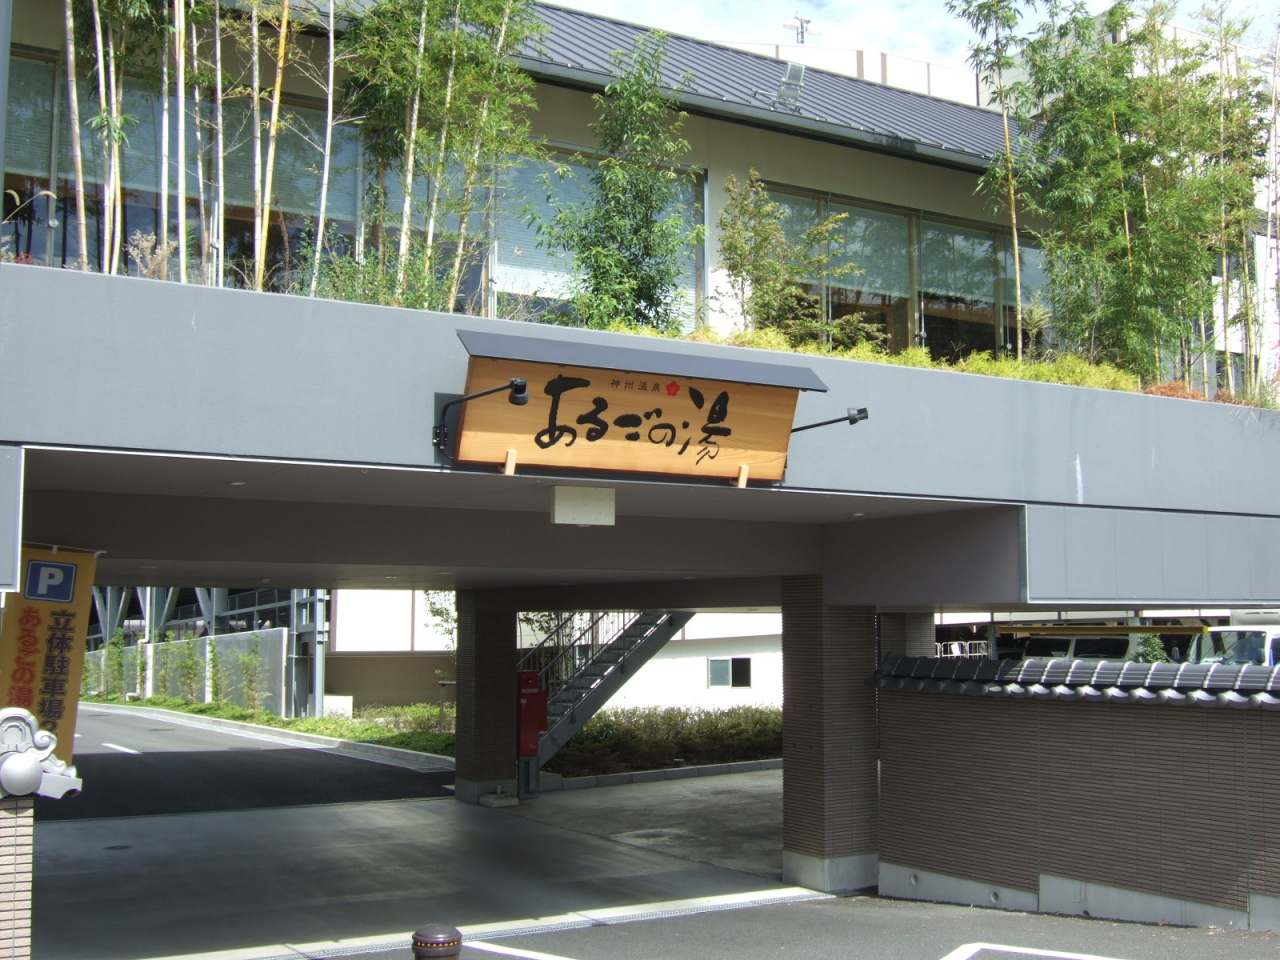 豊中市の浴場一覧 | 大阪のお風呂屋さんのことなら …